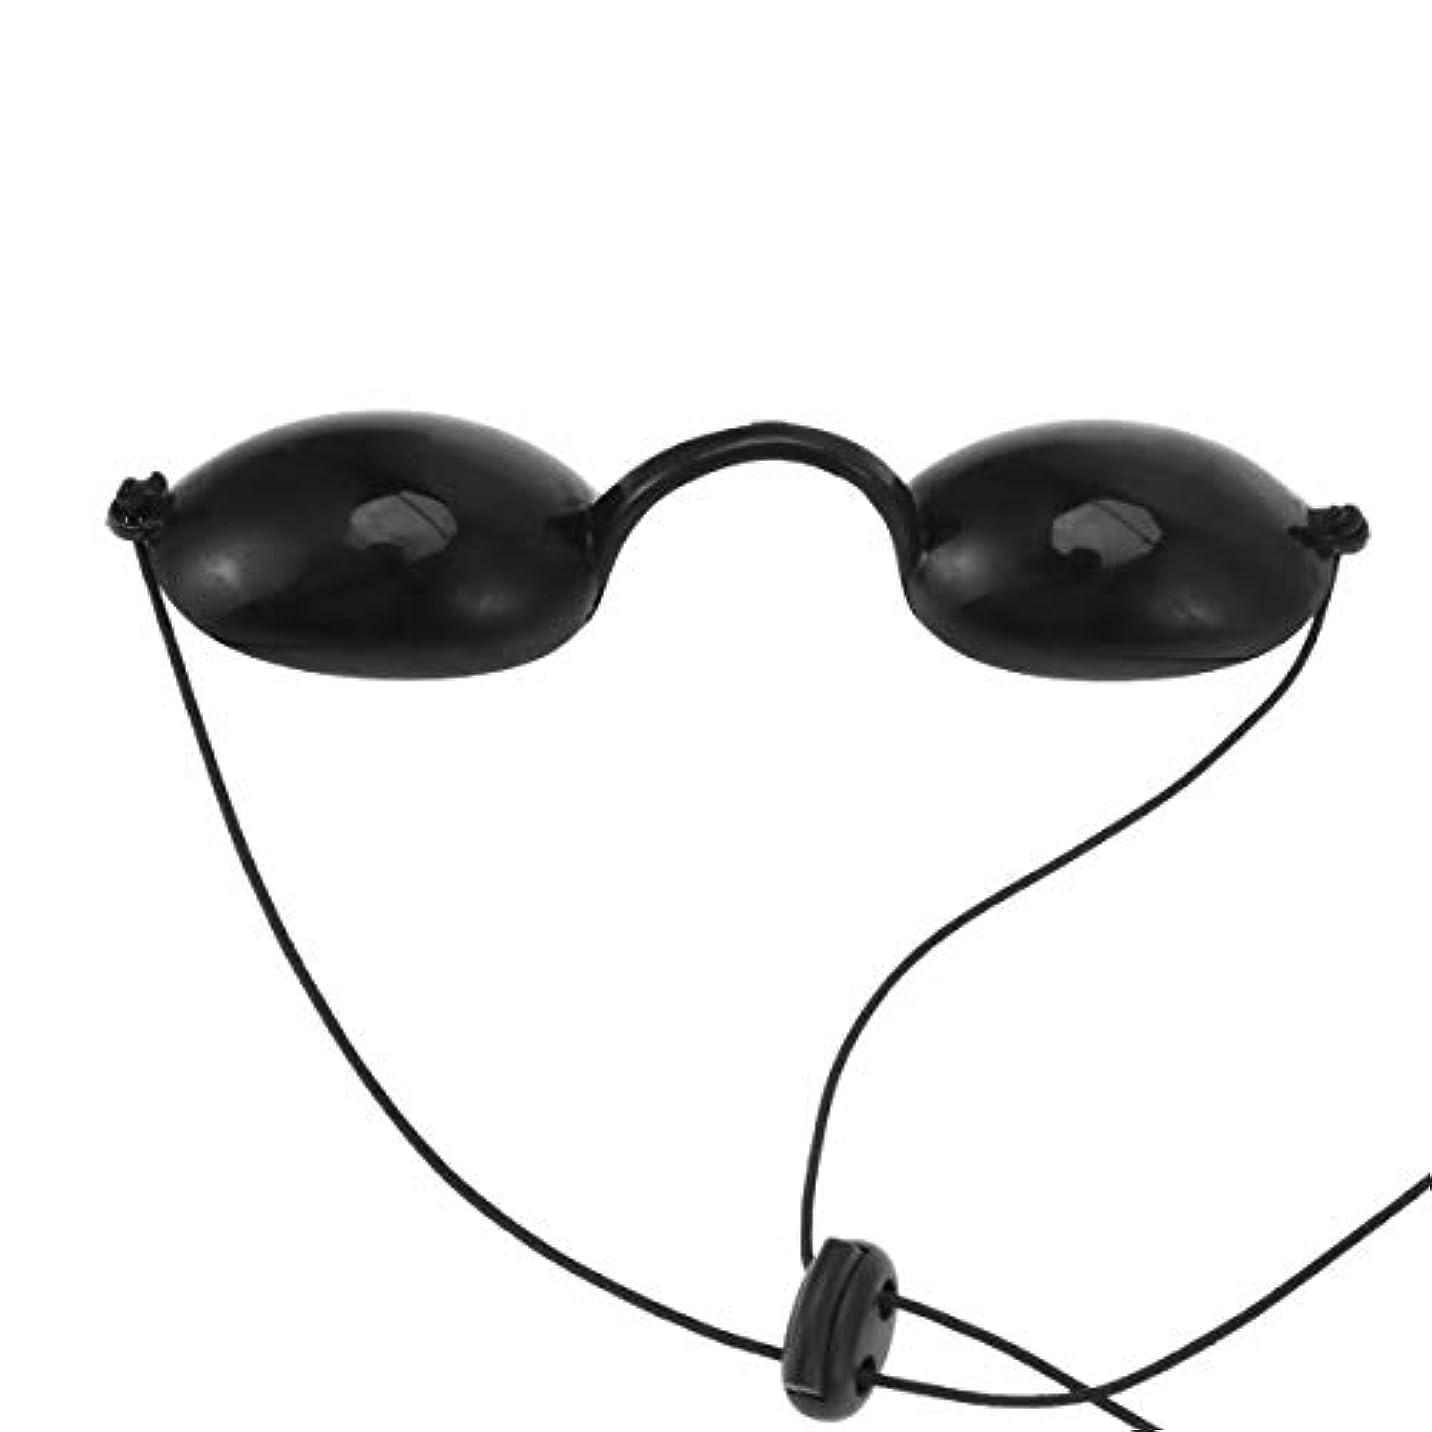 影響力のある寛大さ捨てるSUPVOX成人日焼けゴーグルUVプロテクションアイパッチライトセラピーメガネアイカラー(ブラック)